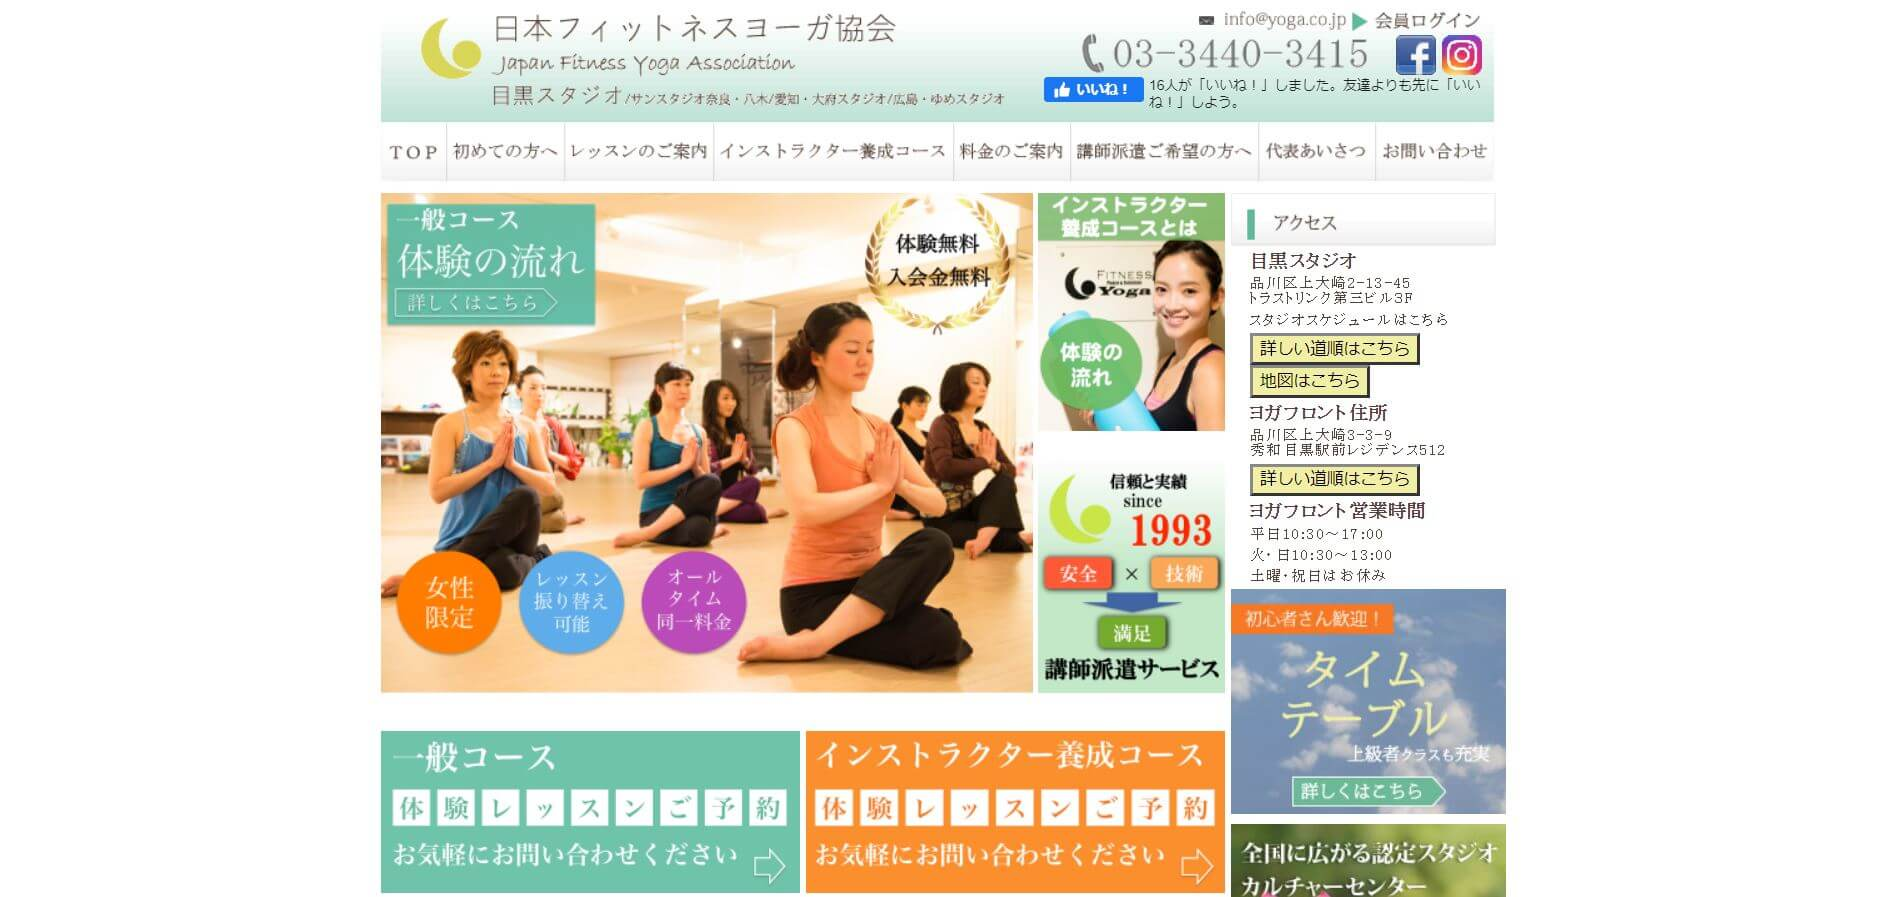 日本フィットネスヨーガ協会